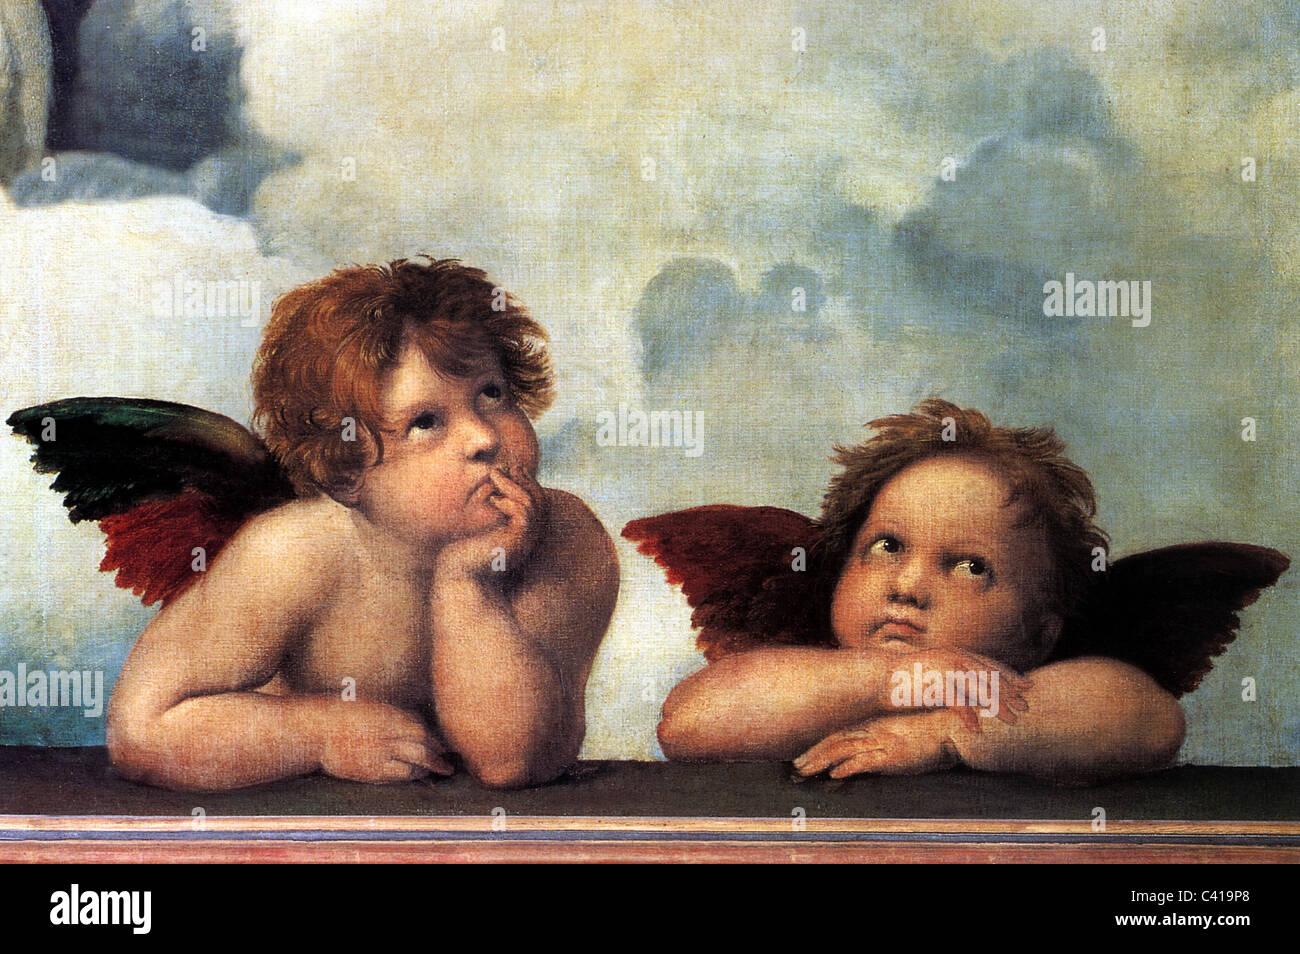 Les beaux-arts, Raphaël, Santi: 'Les anges de la Madonna Sixtine', détail de la peinture 'Madonna Sistine', 1512/1513, Banque D'Images